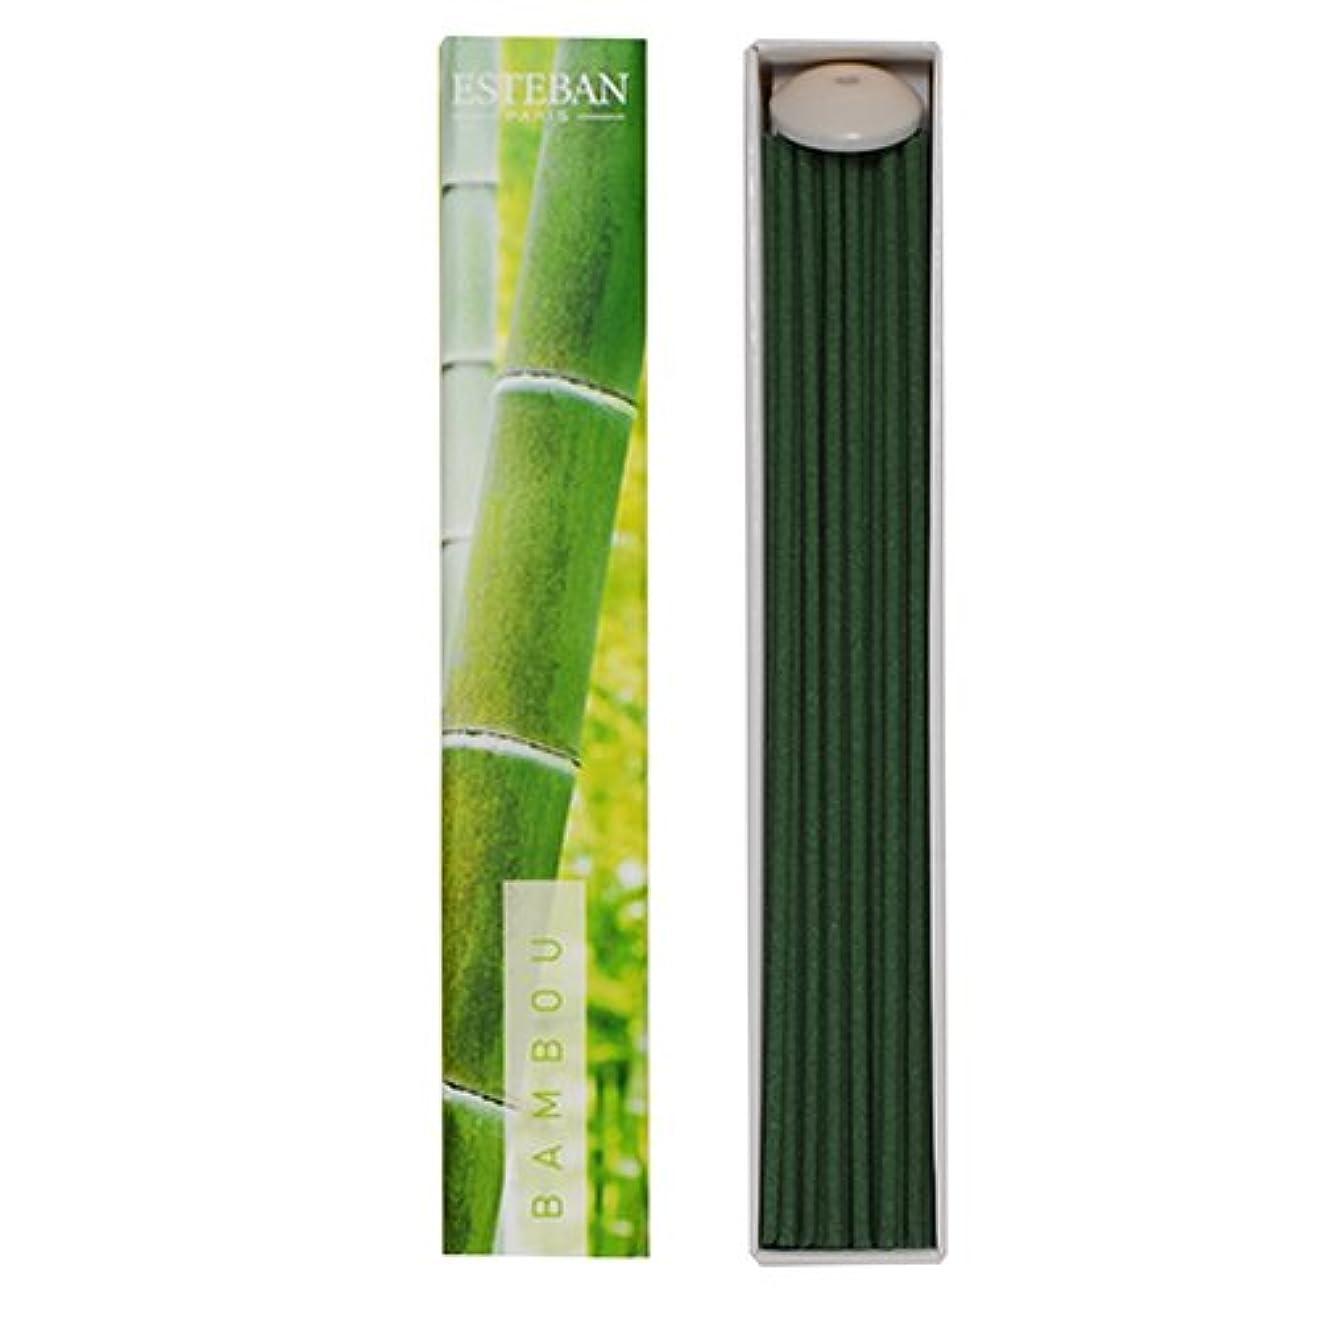 いつも収縮ラビリンスエステバンのお香 エスプリドナチュール バンブー(竹)スティック